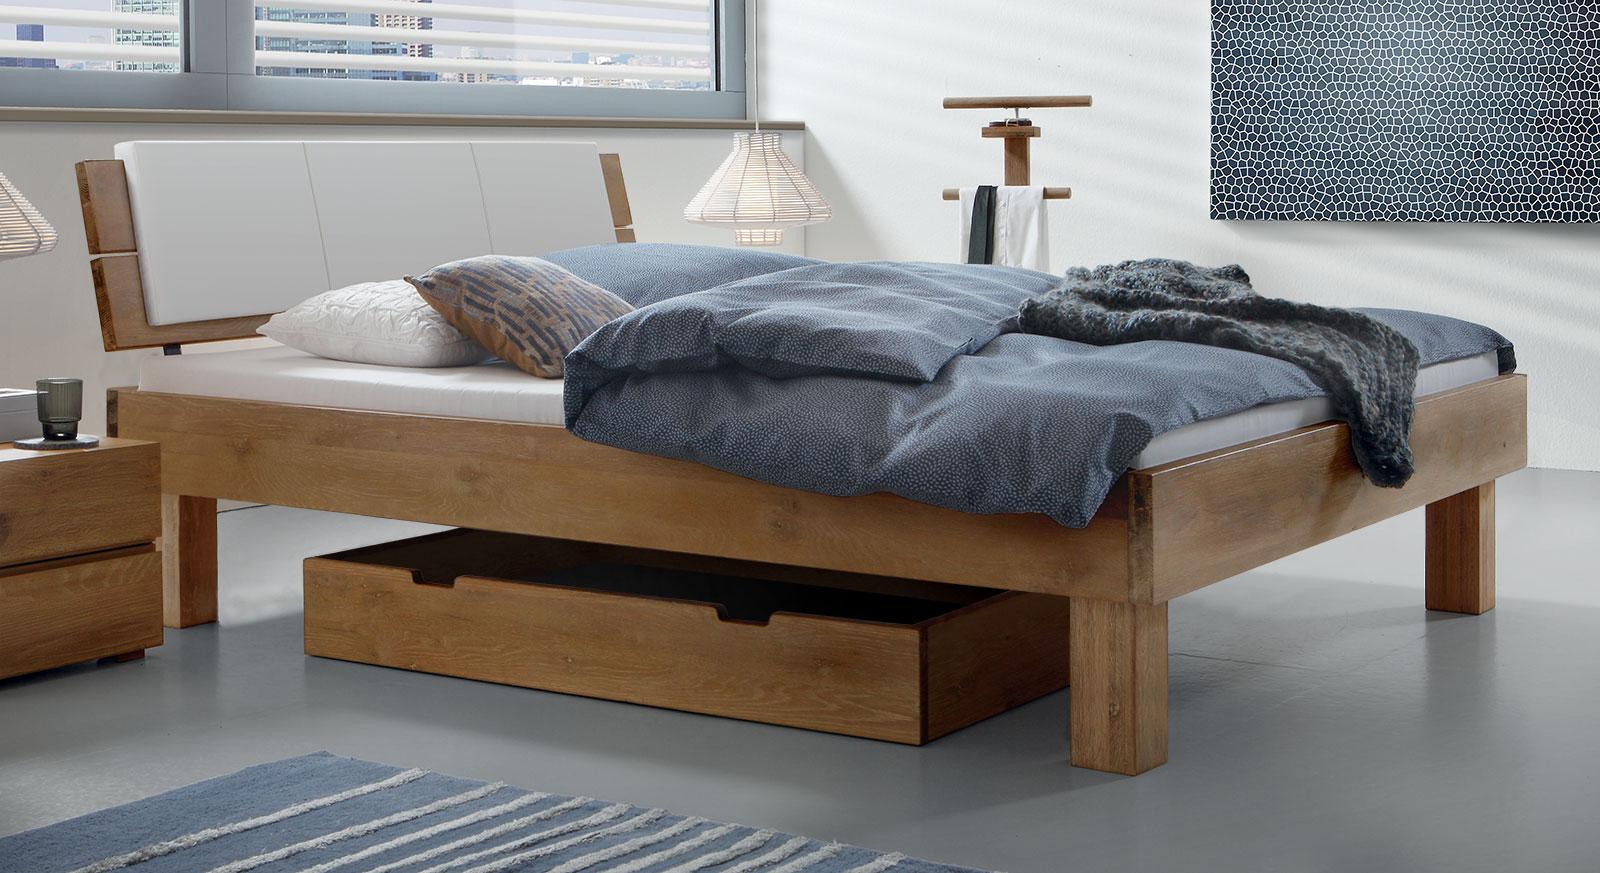 Doppelbett Soria mit 25cm hohen Bettbeinen in naturfarben.